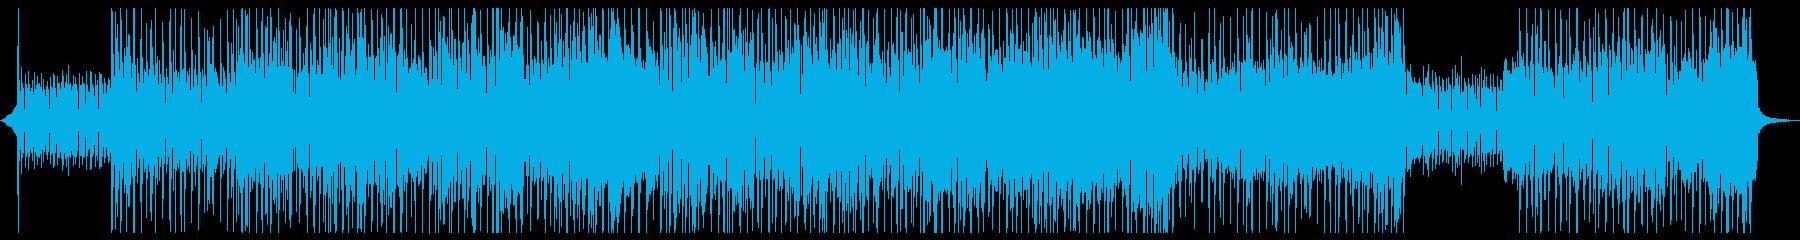 ファンキーロック♪かっこいい動画映像CMの再生済みの波形